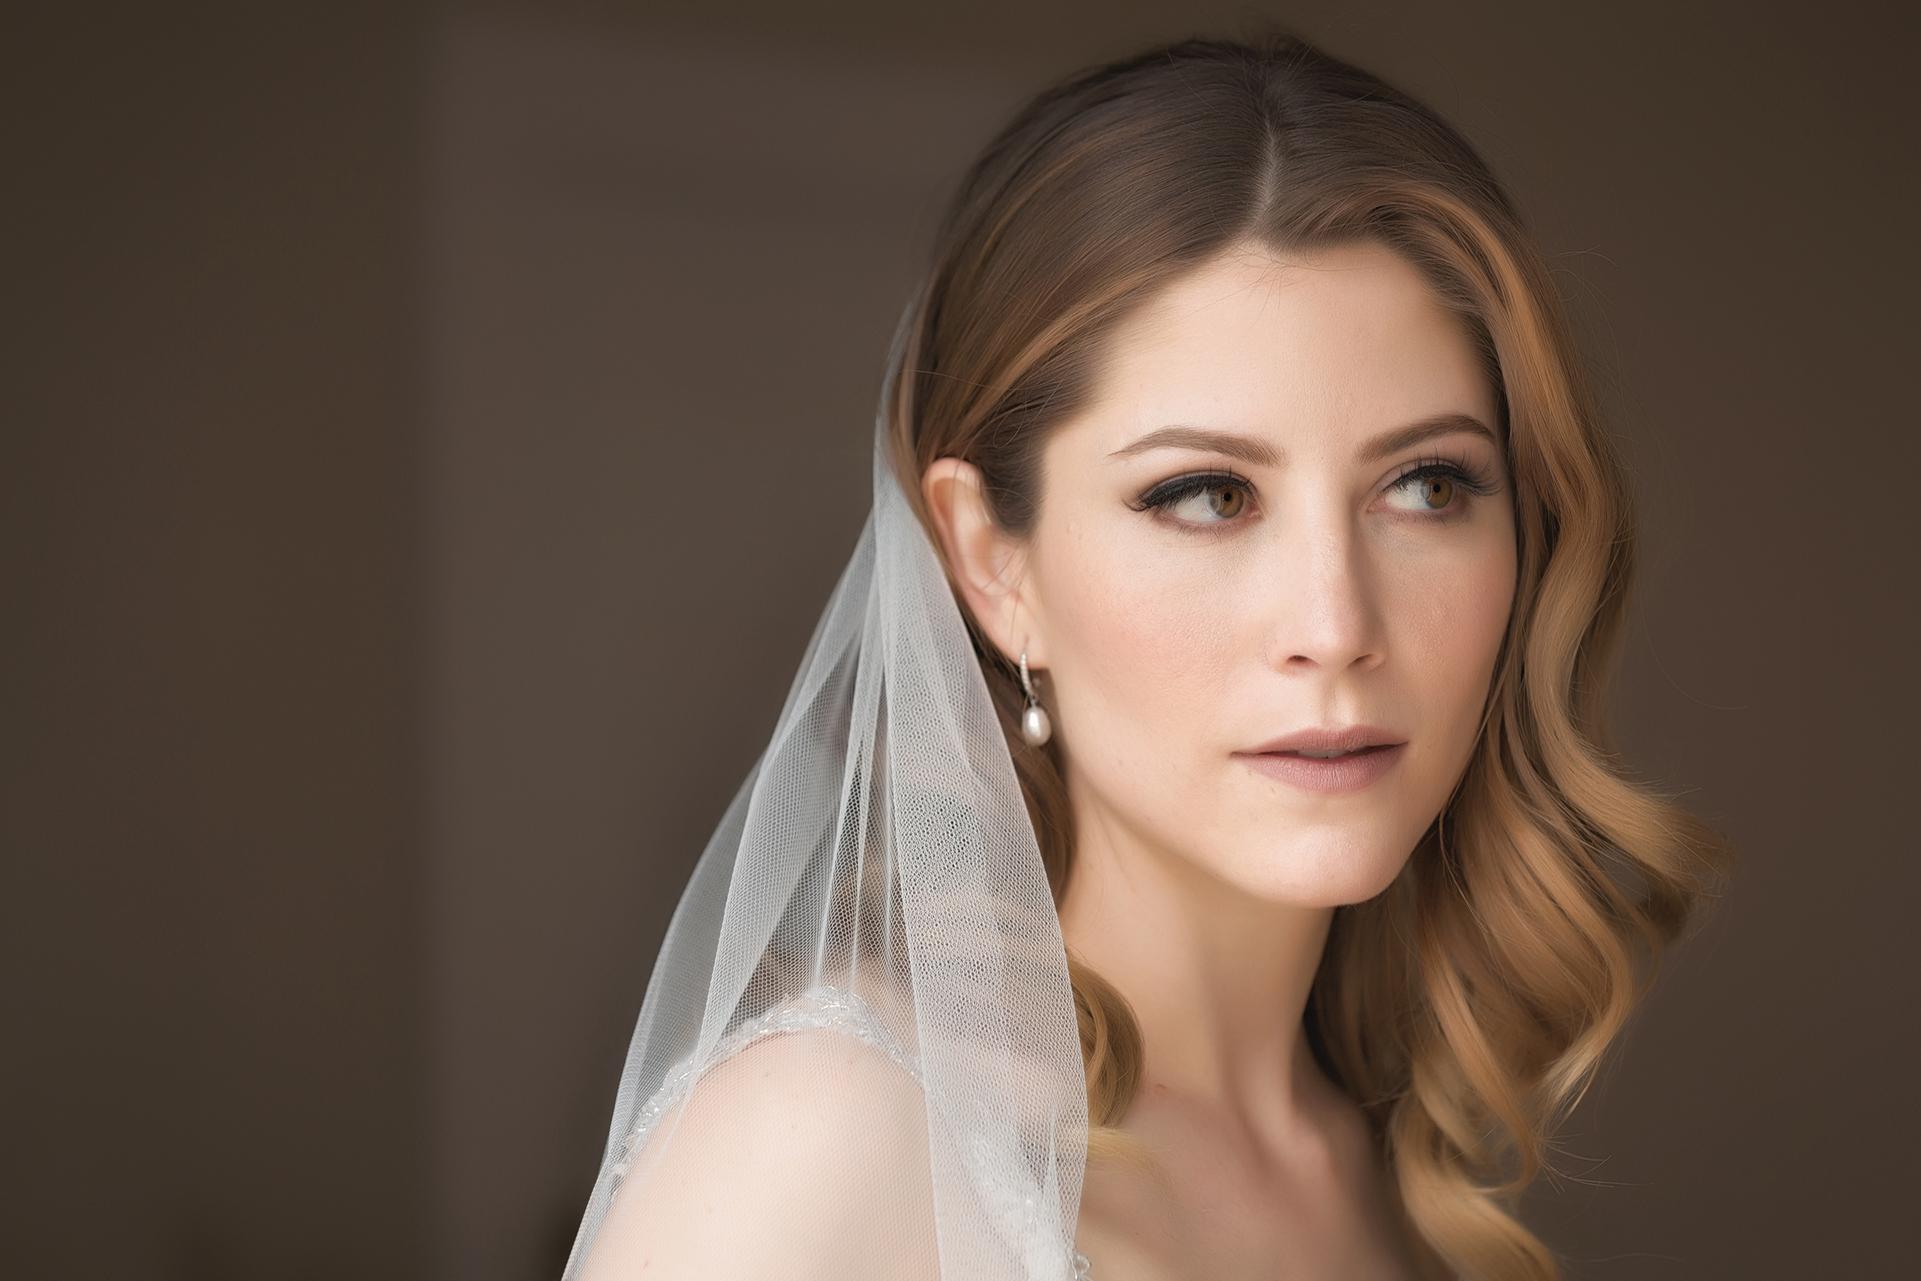 Bridal-FollowTheBride-p1